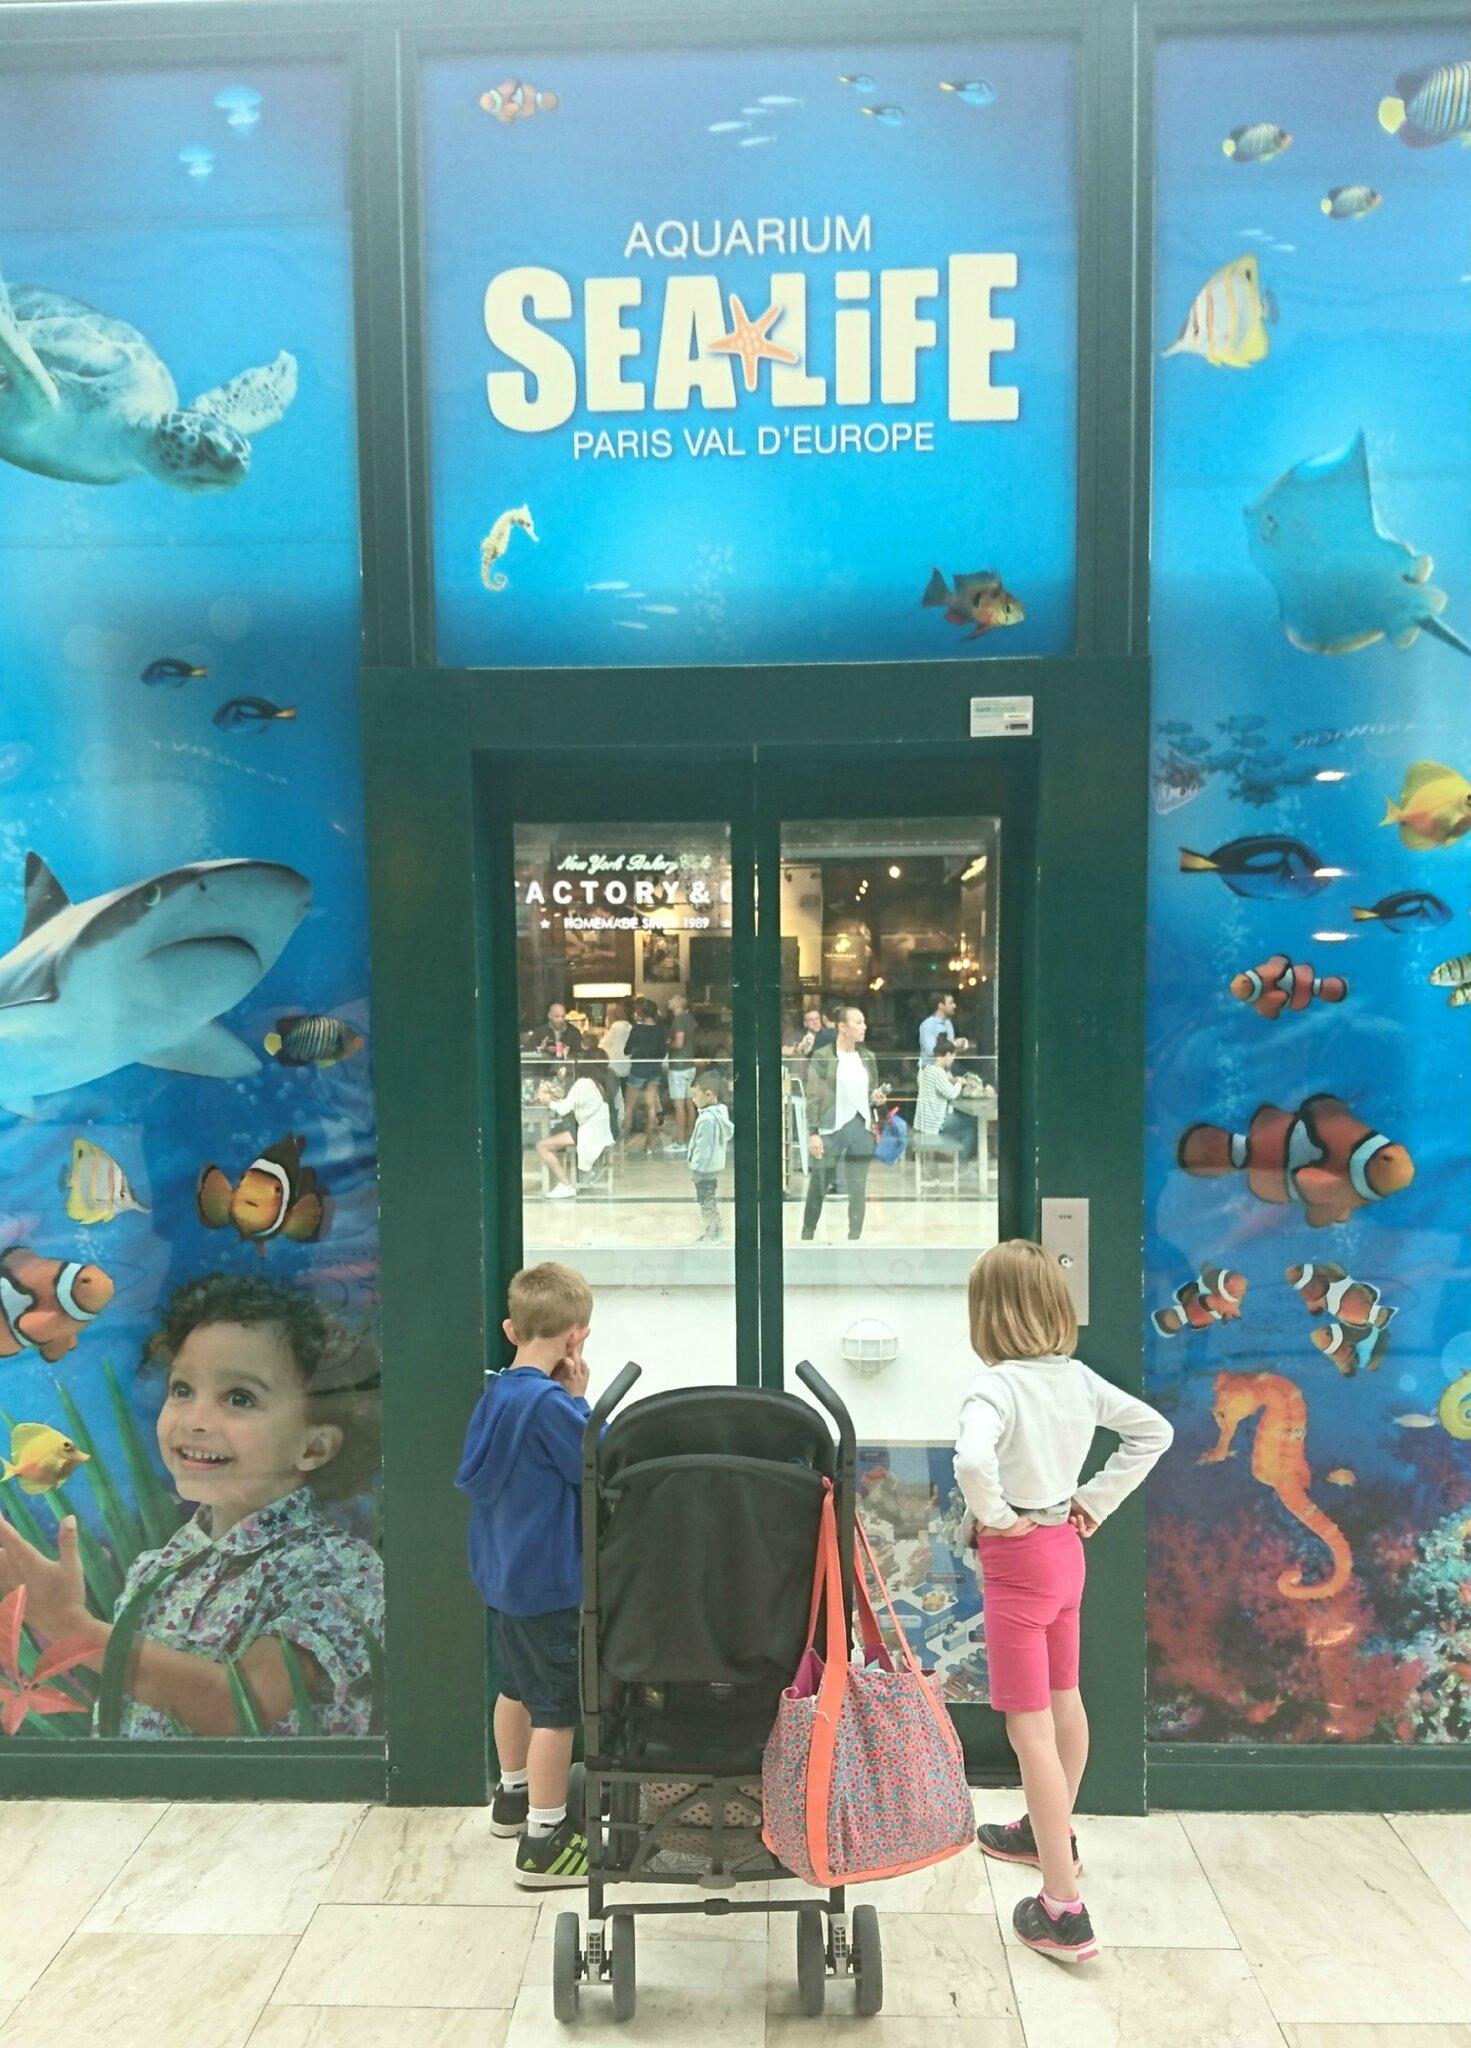 A la découverte des nouvelles animations de l'aquarium SEA Life